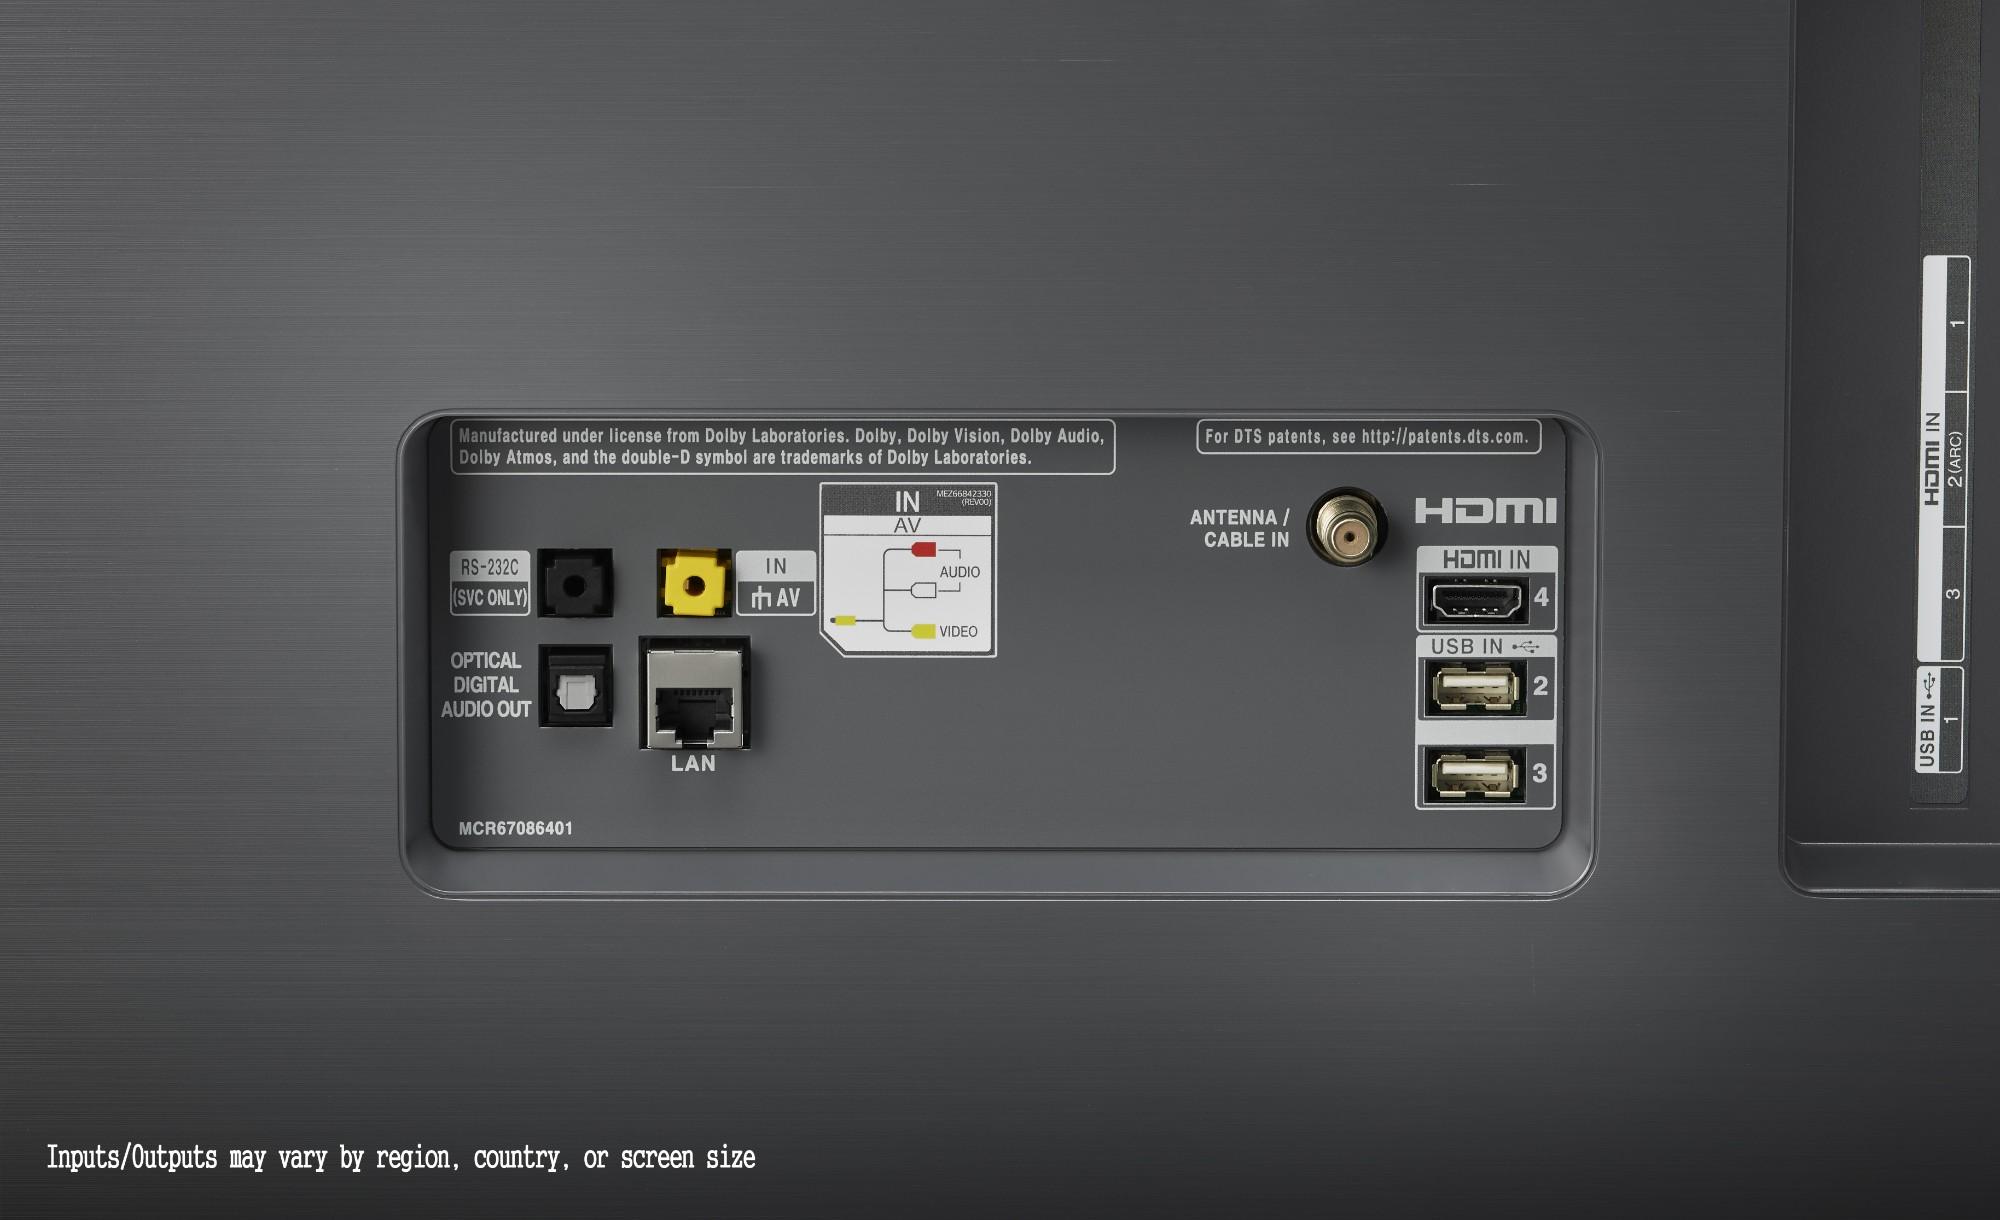 LG OLED55C8PLA TV 139 7 cm (55